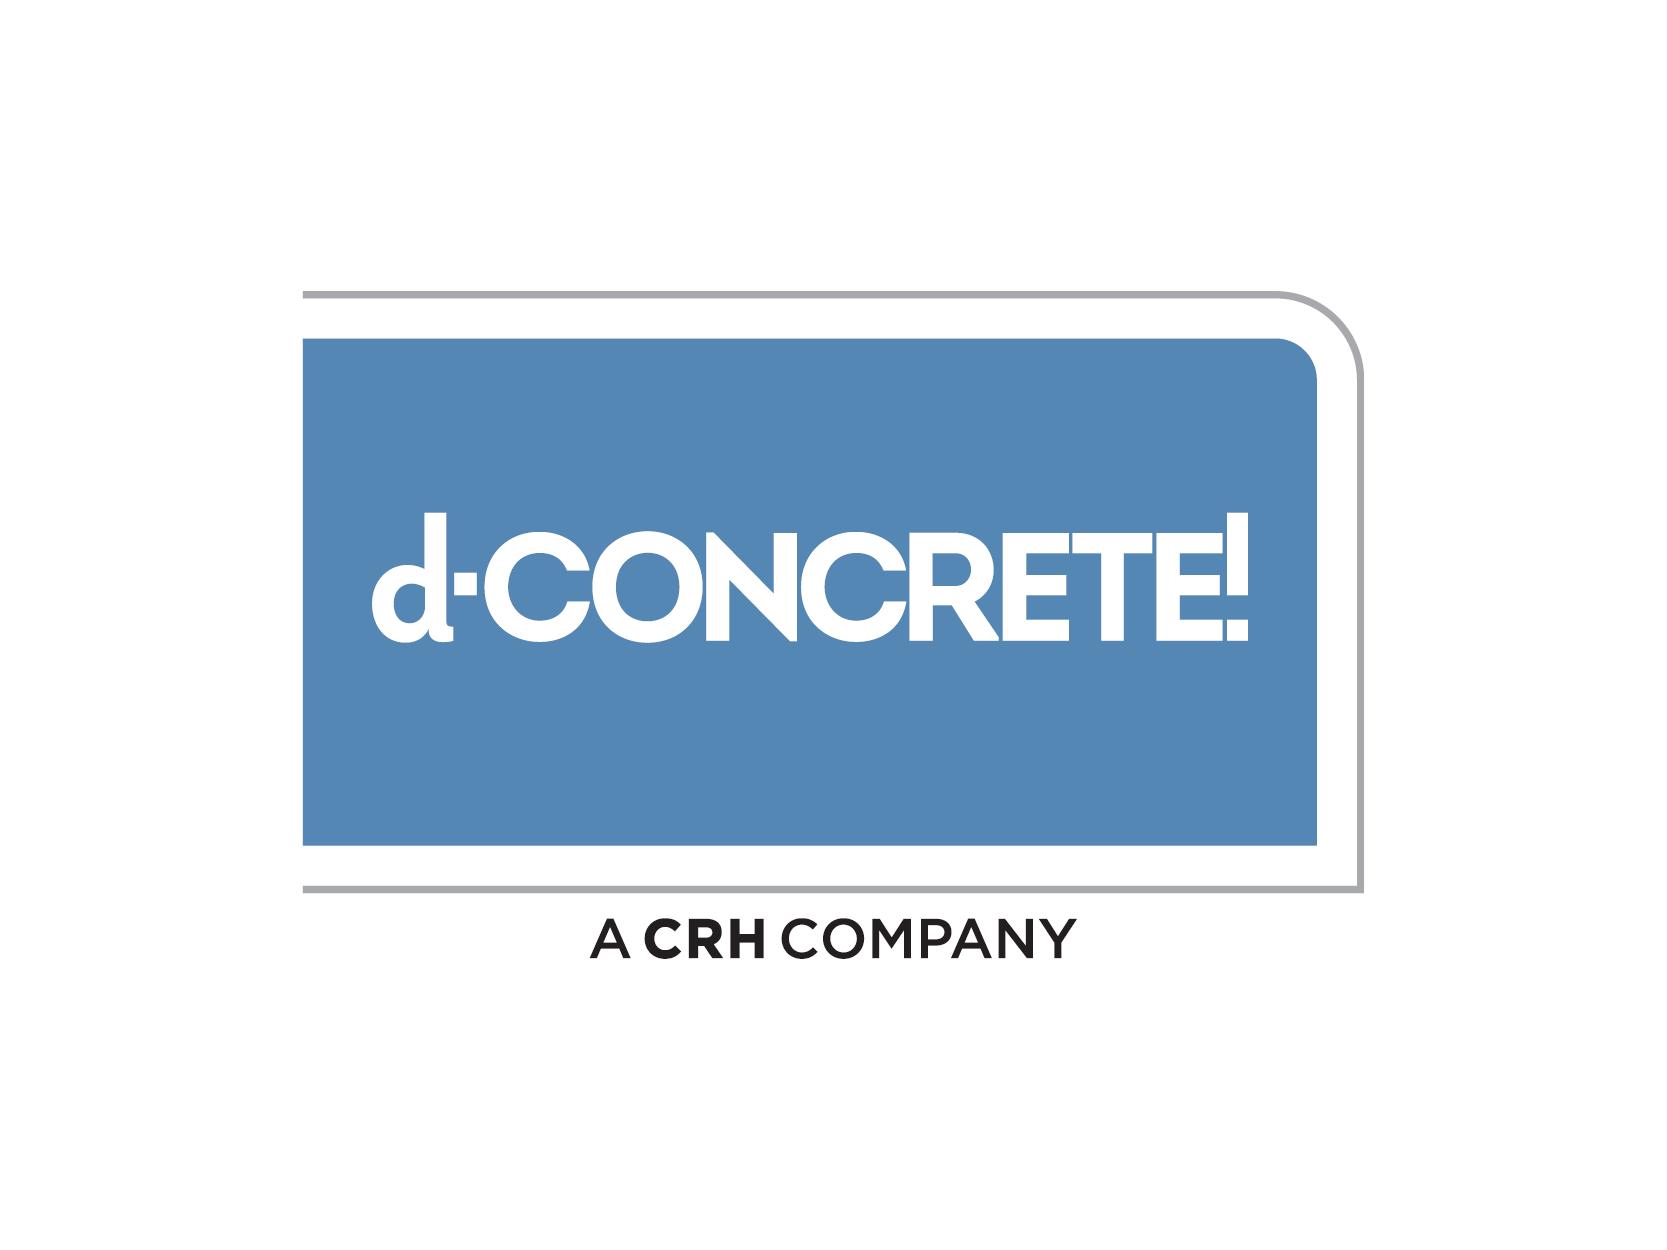 d-Concrete!